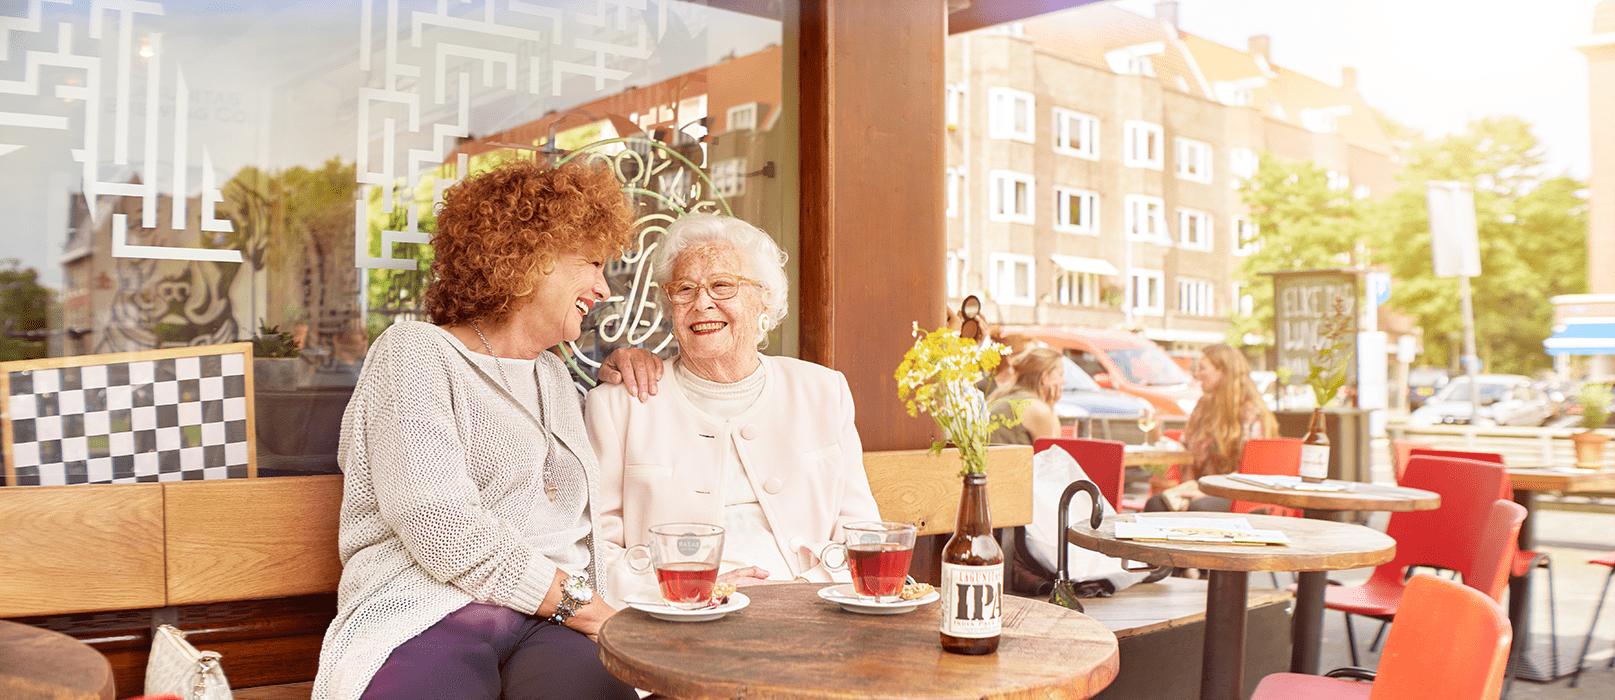 Mor och dotter är glada eftersom mamman kan bo hemma självständigt längre